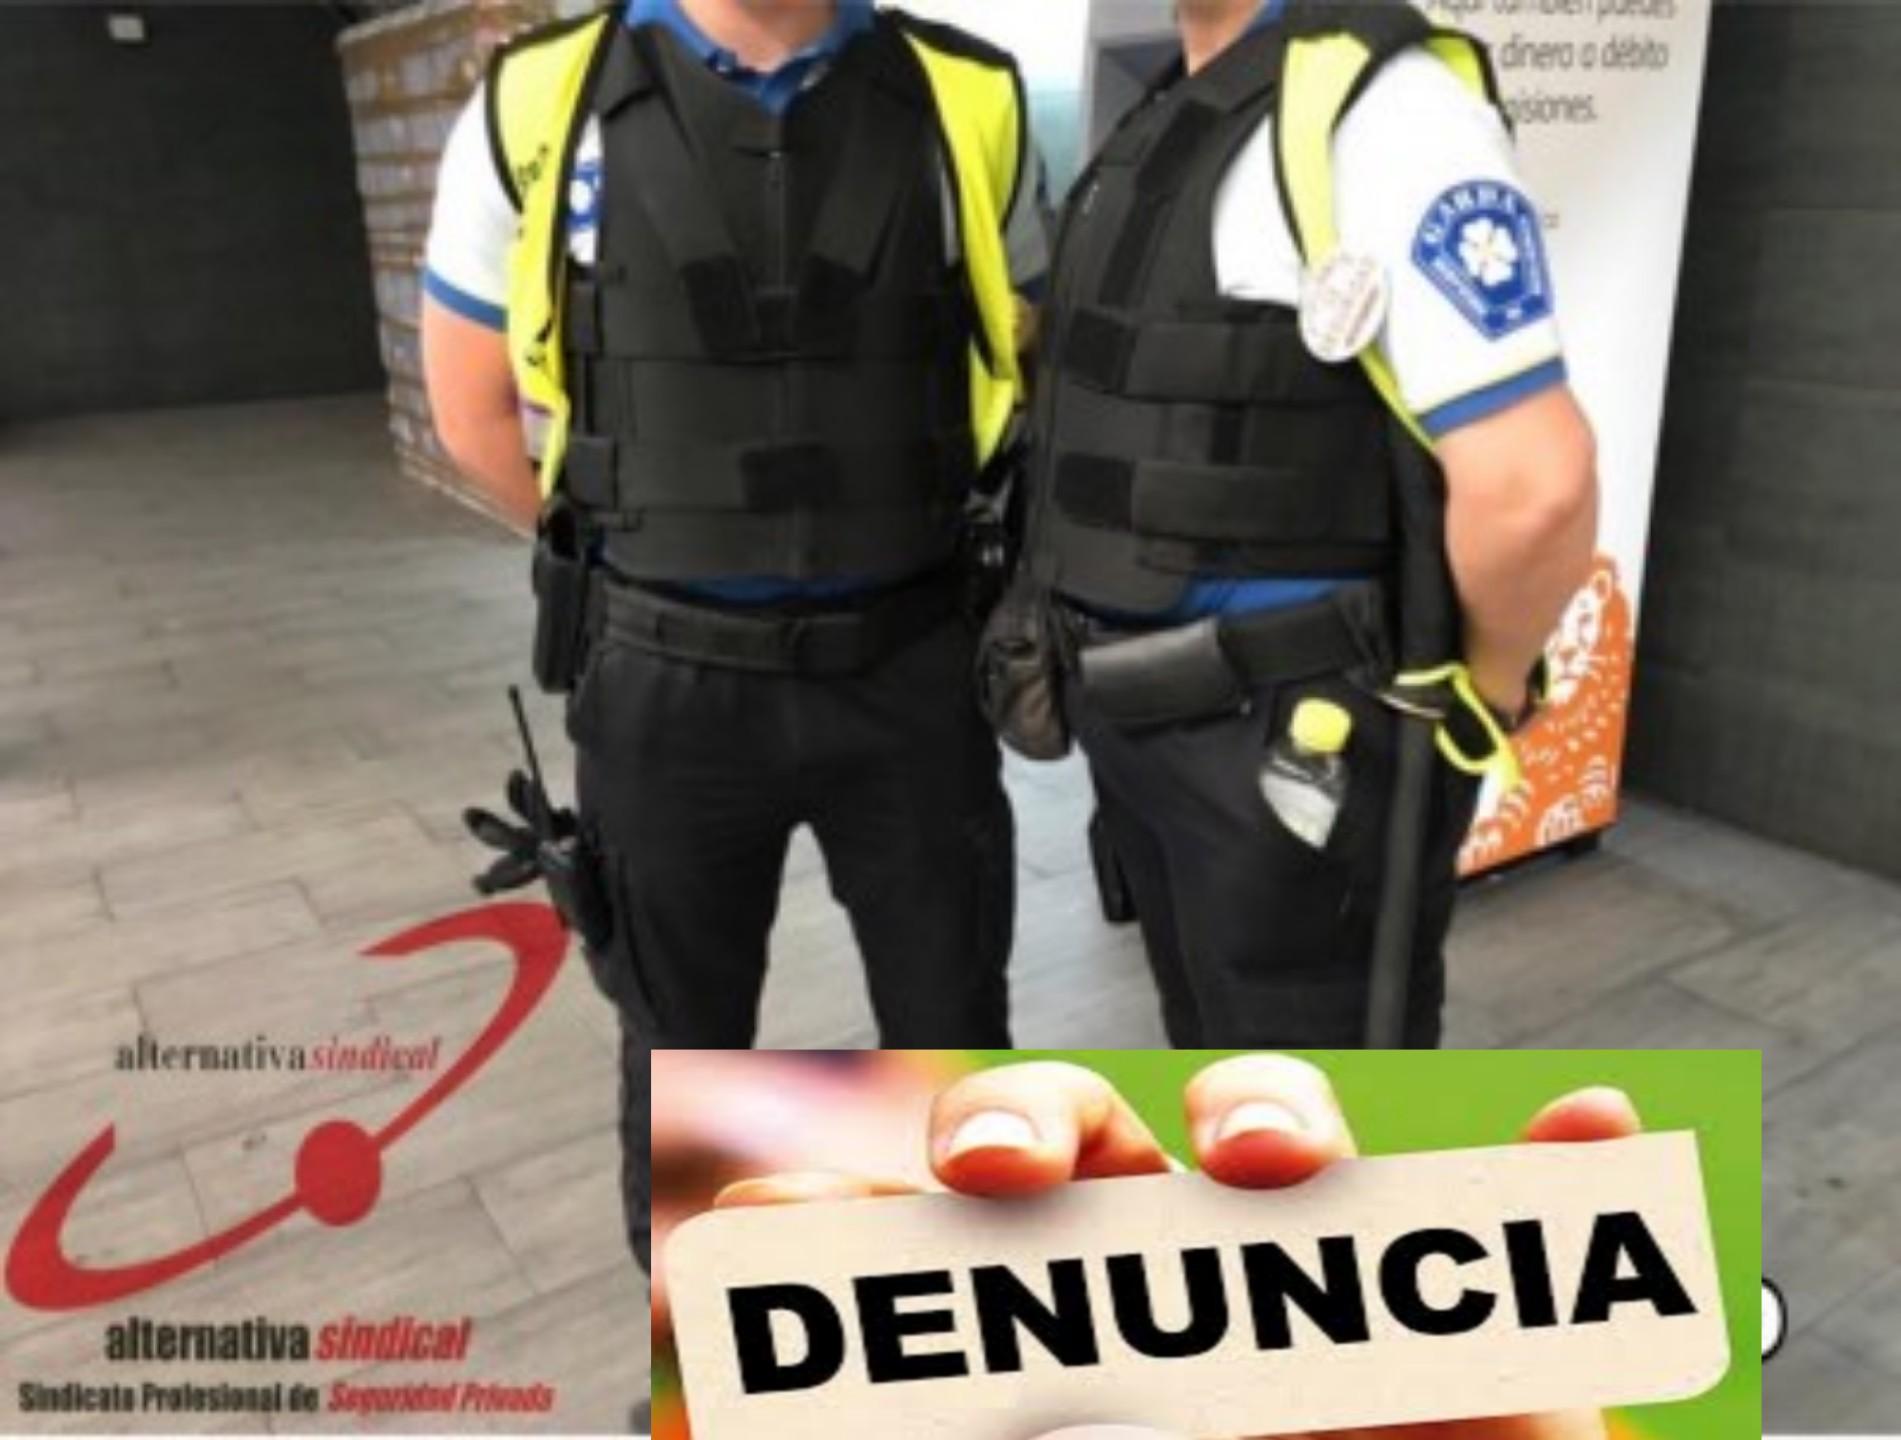 AS INTERPONE DEMANDA POR VULNERACIÓN DE DERECHOS FUNDAMENTALES EN MATERIA DE TUTELA DEL DERECHO A LA LIBERTAD SINDICAL CONTRA GARDA